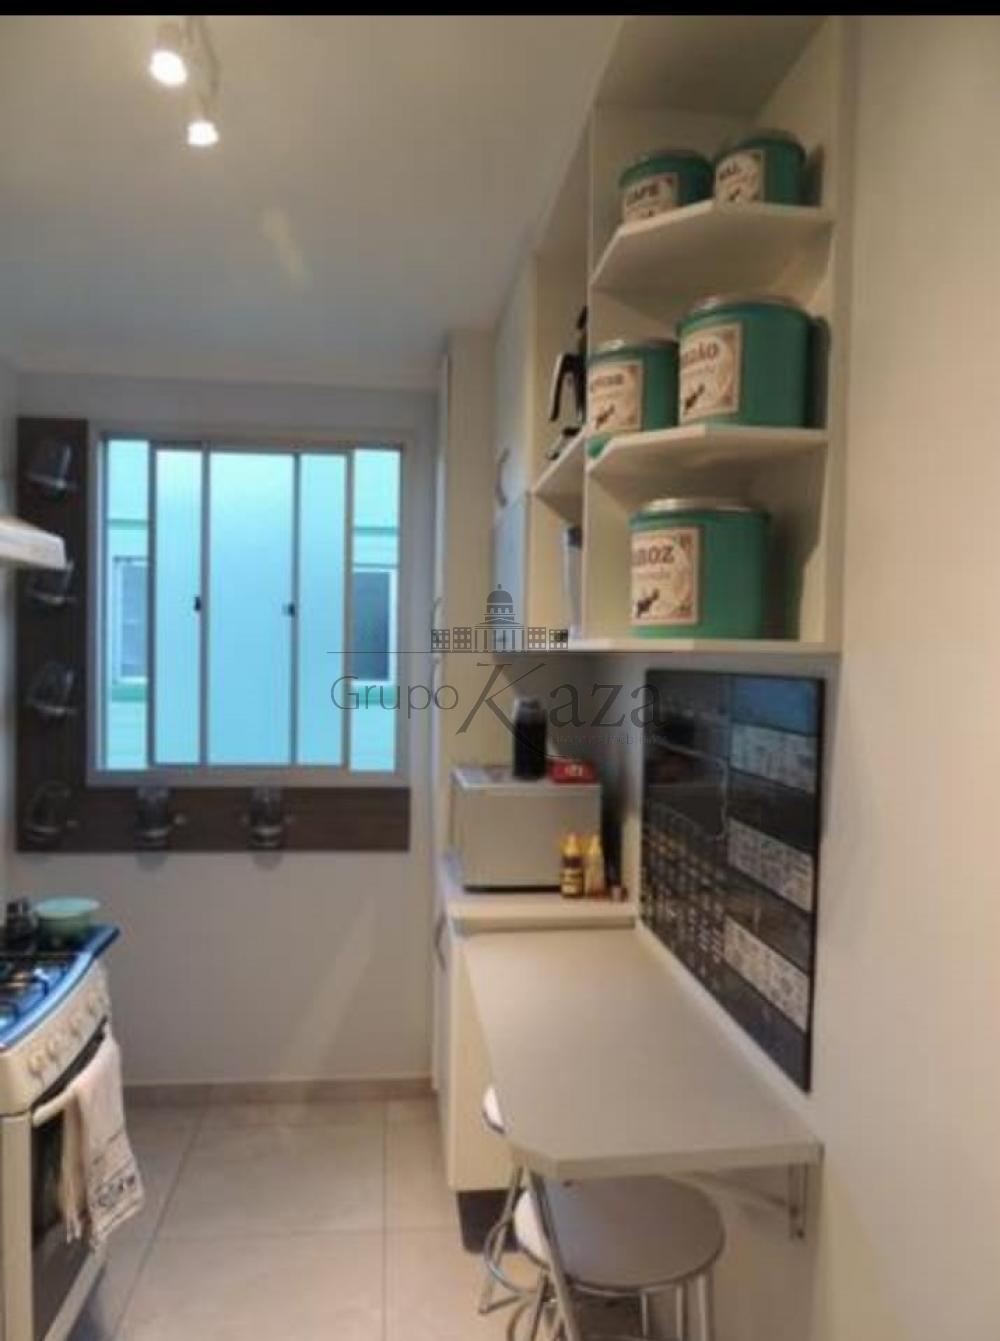 alt='Comprar Apartamento / Padrão em São José dos Campos R$ 180.000,00 - Foto 5' title='Comprar Apartamento / Padrão em São José dos Campos R$ 180.000,00 - Foto 5'